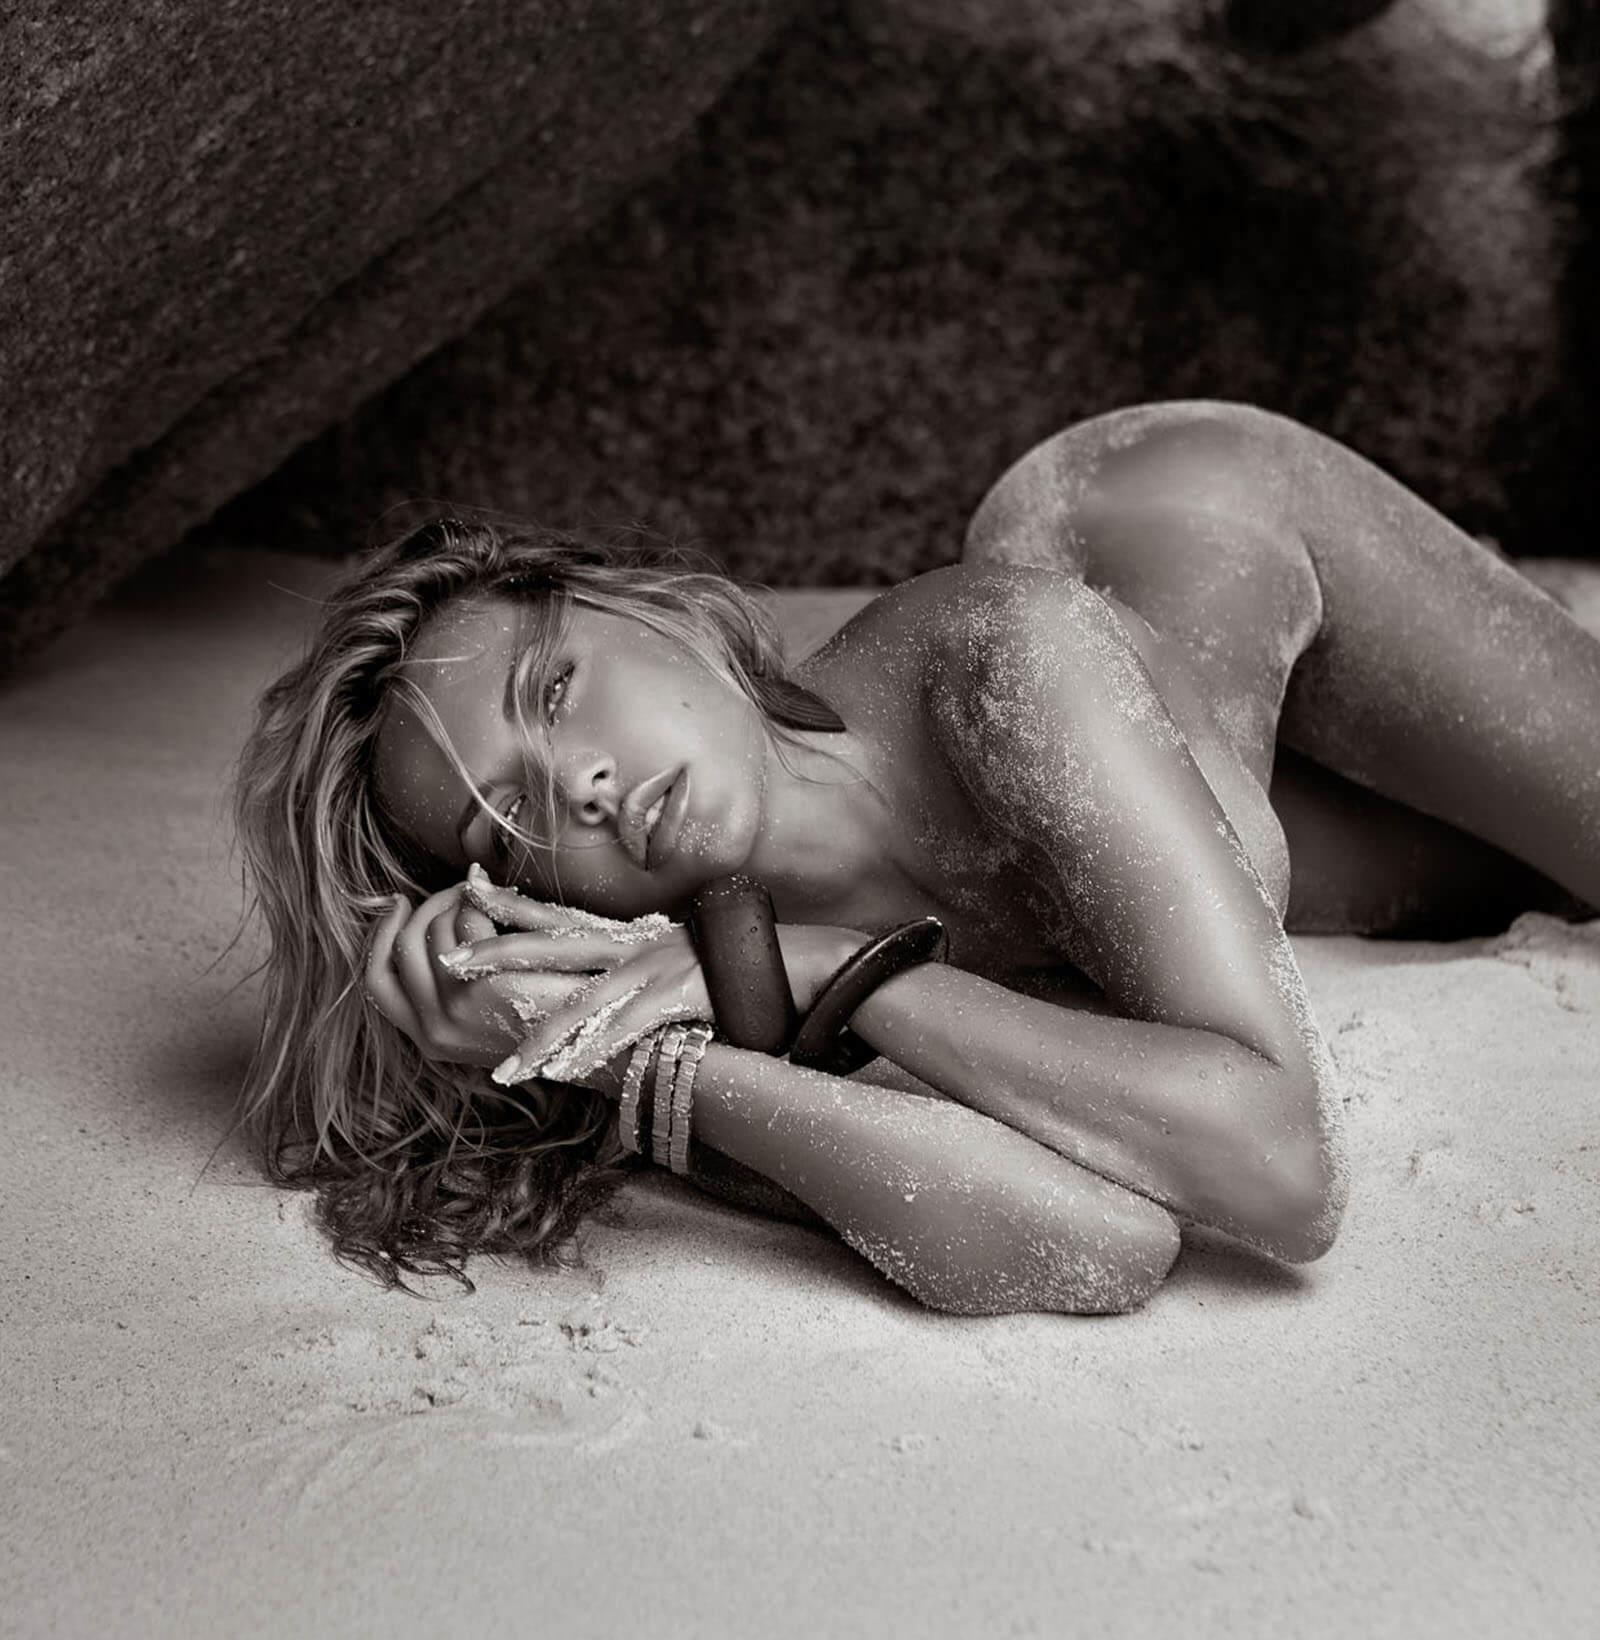 Erotic Photgraphy